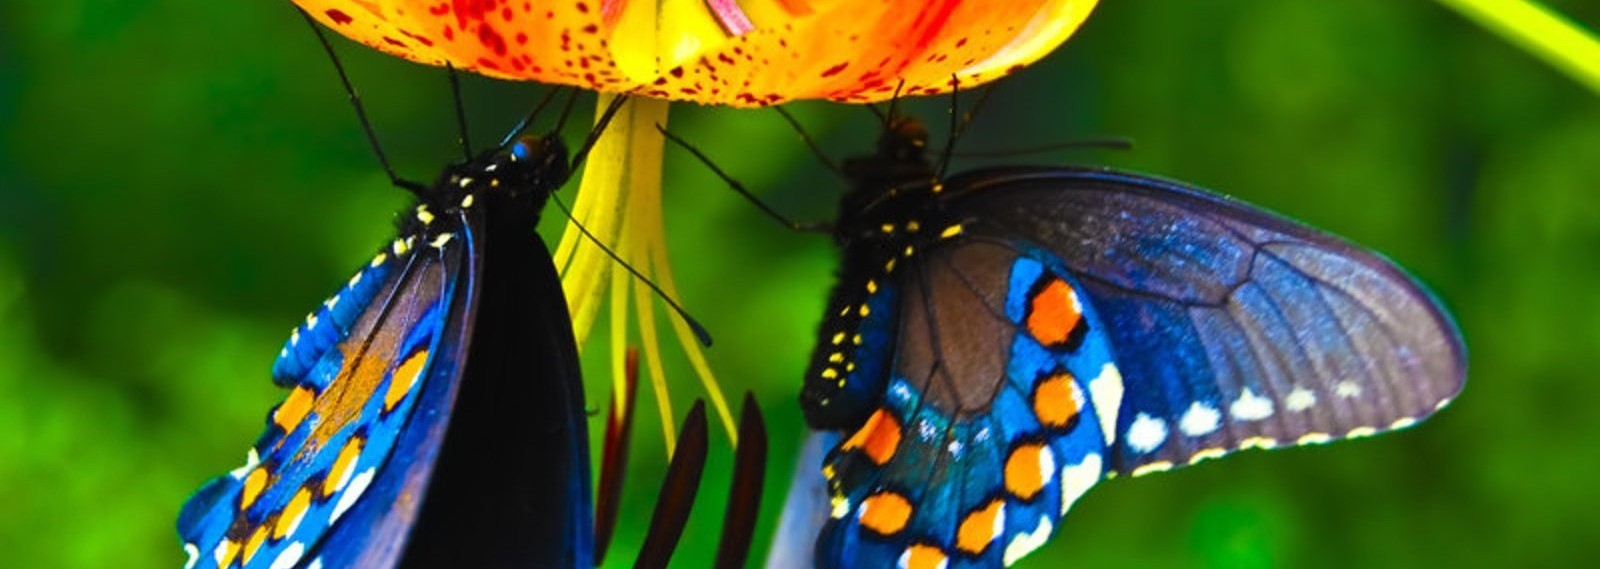 blue-butterfly (3).jpg